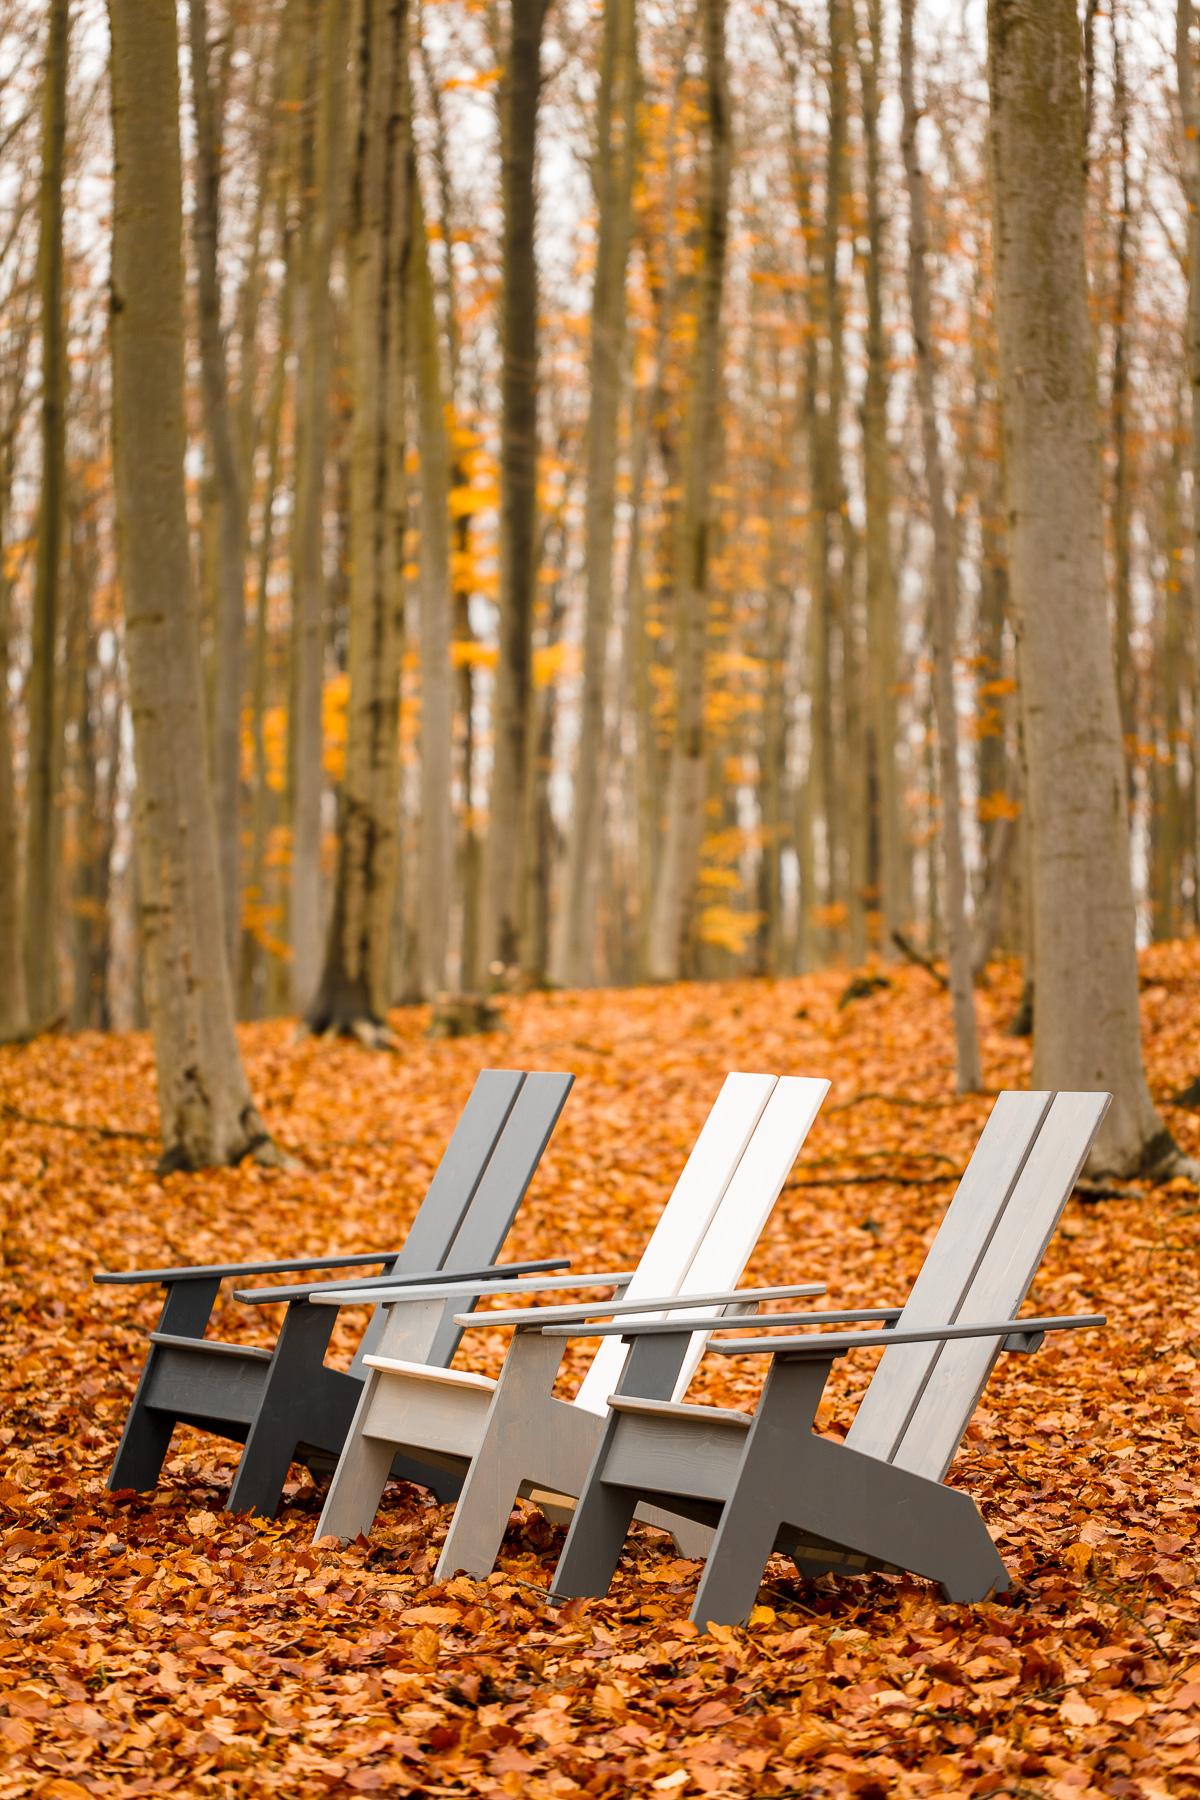 newport chair_werkstuecke.at_c_anthrazit.studio_web3.jpg